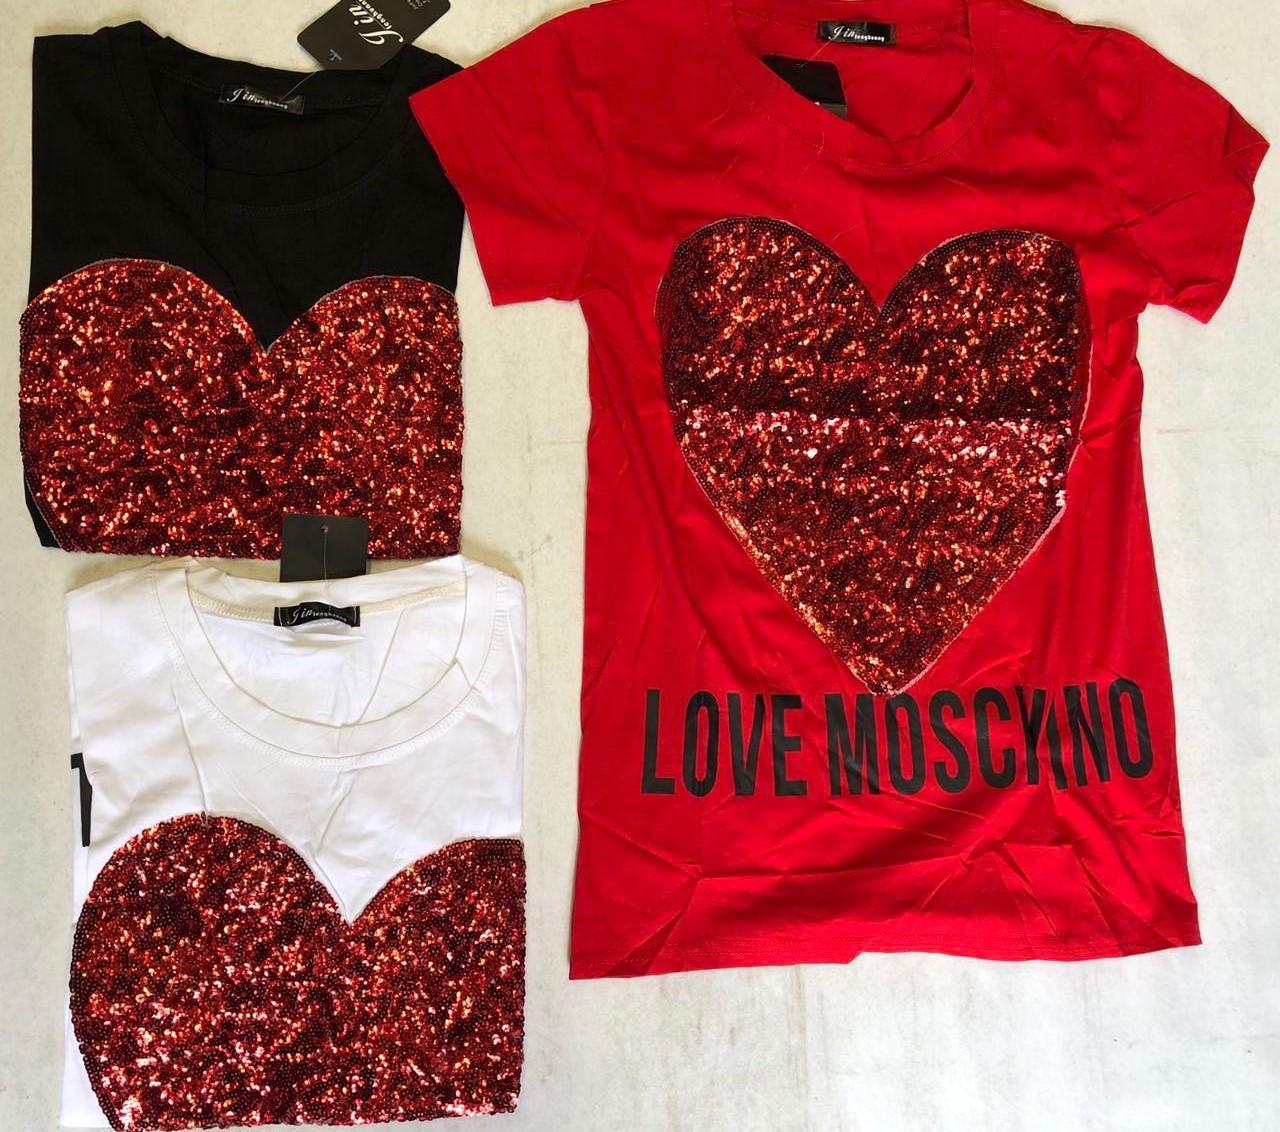 Футболка женская Love Moschino. Фабричный Китай, хорошее качество, универсальный размер